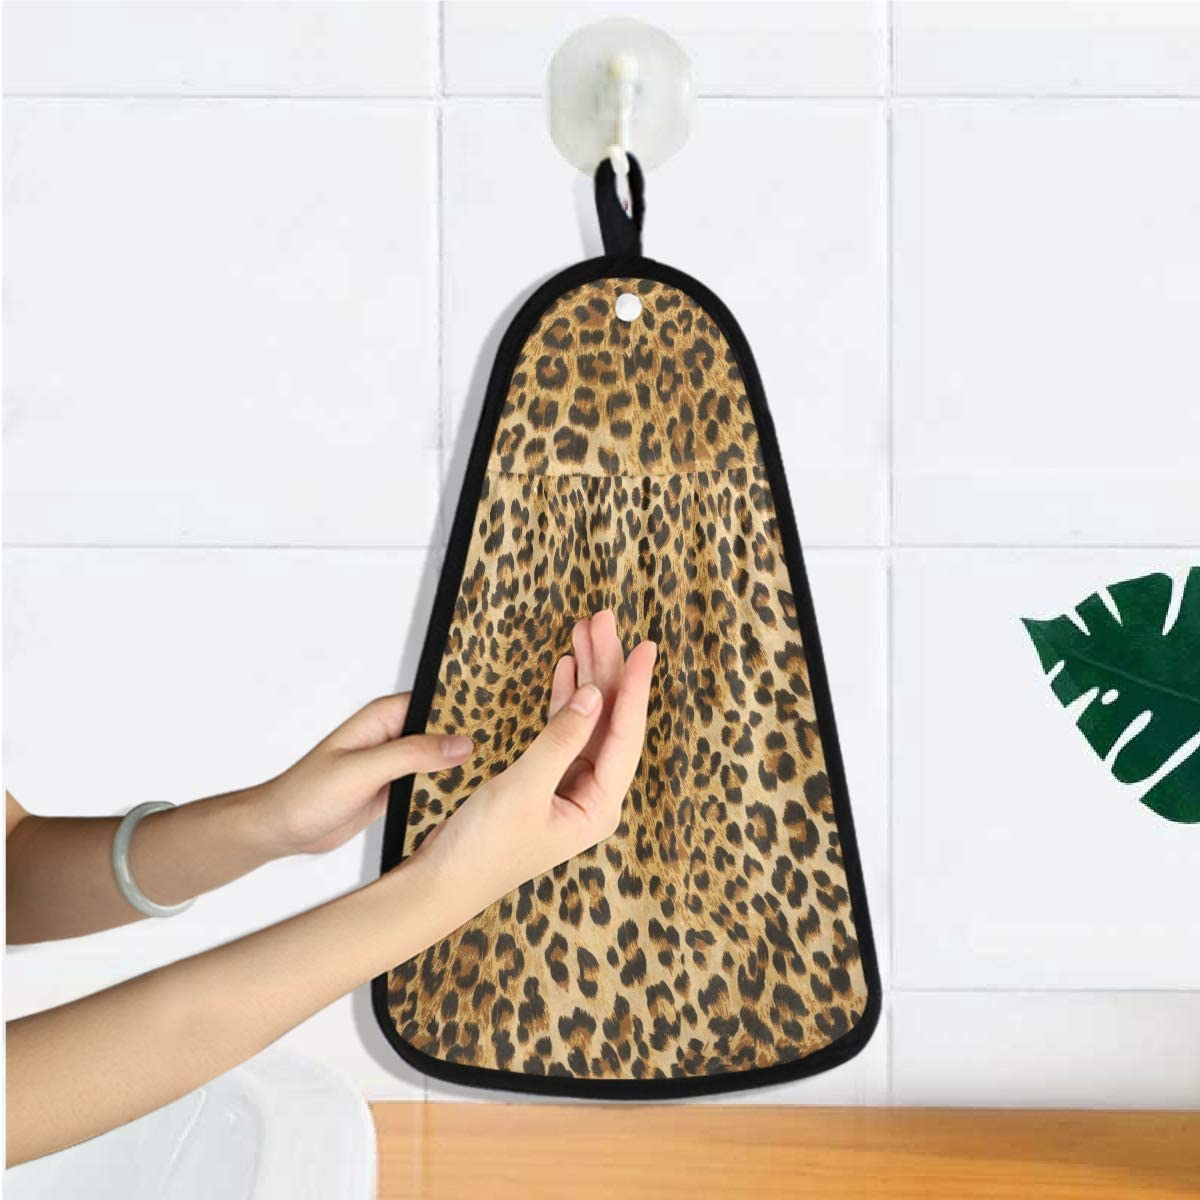 panno per la pulizia della cucina e del bagno Rulyy Asciugamano da appendere con motivo leopardato con stampa leopardata morbido assorbente asciugatura rapida